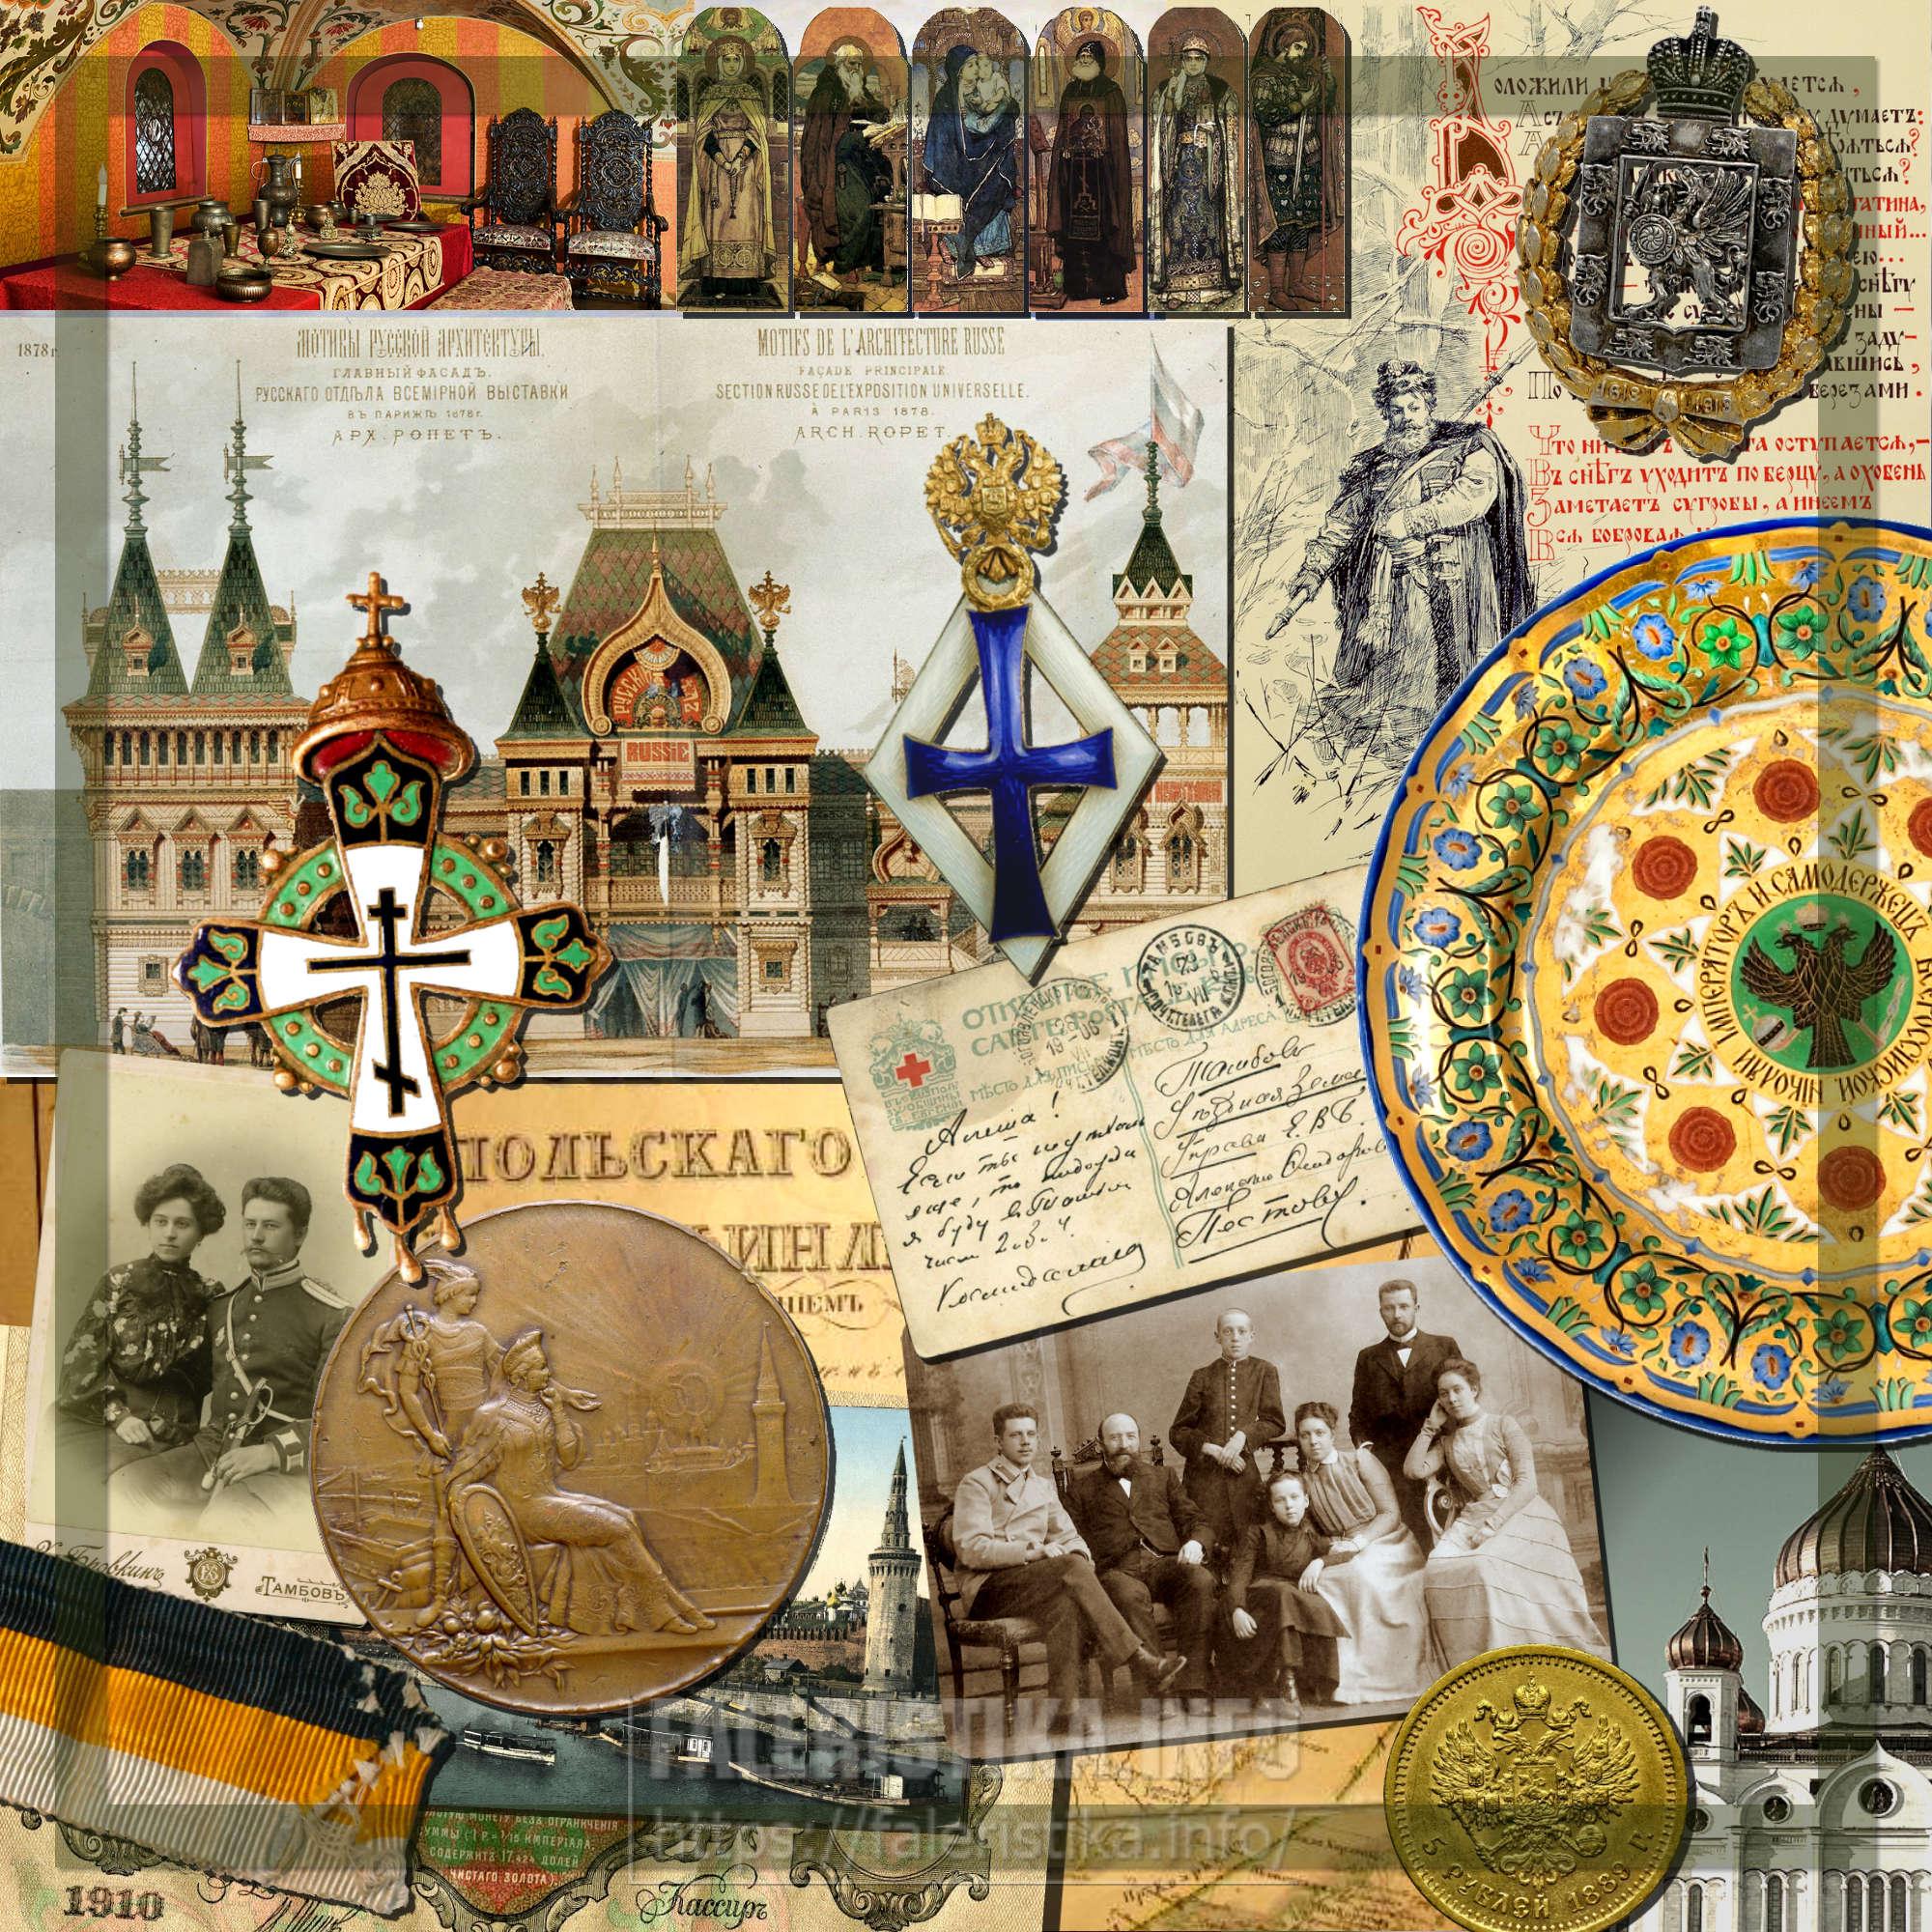 Русский стиль. Не вульгарное (псевдорусский, неорусский, а-ля рюс, «A La Russe», эклектика и т.п.), а именно имперский великодержавный стиль Российской империи. До 1917 года.